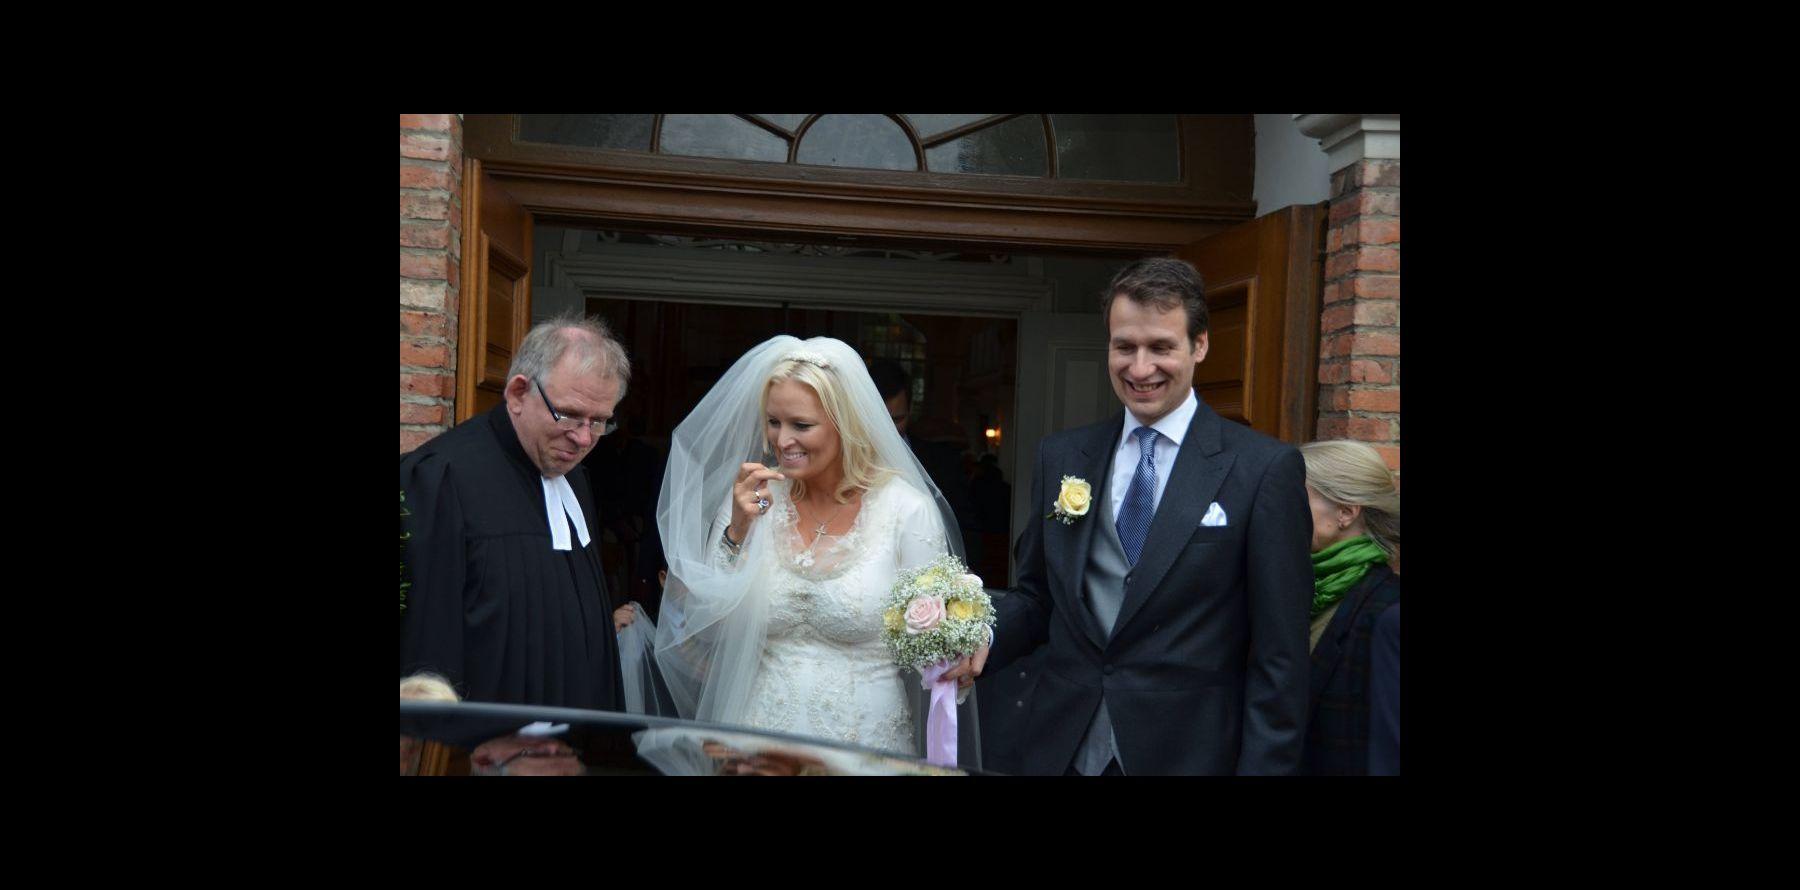 La duchesse Rixa dOldenburg, remise de ses fiançailles